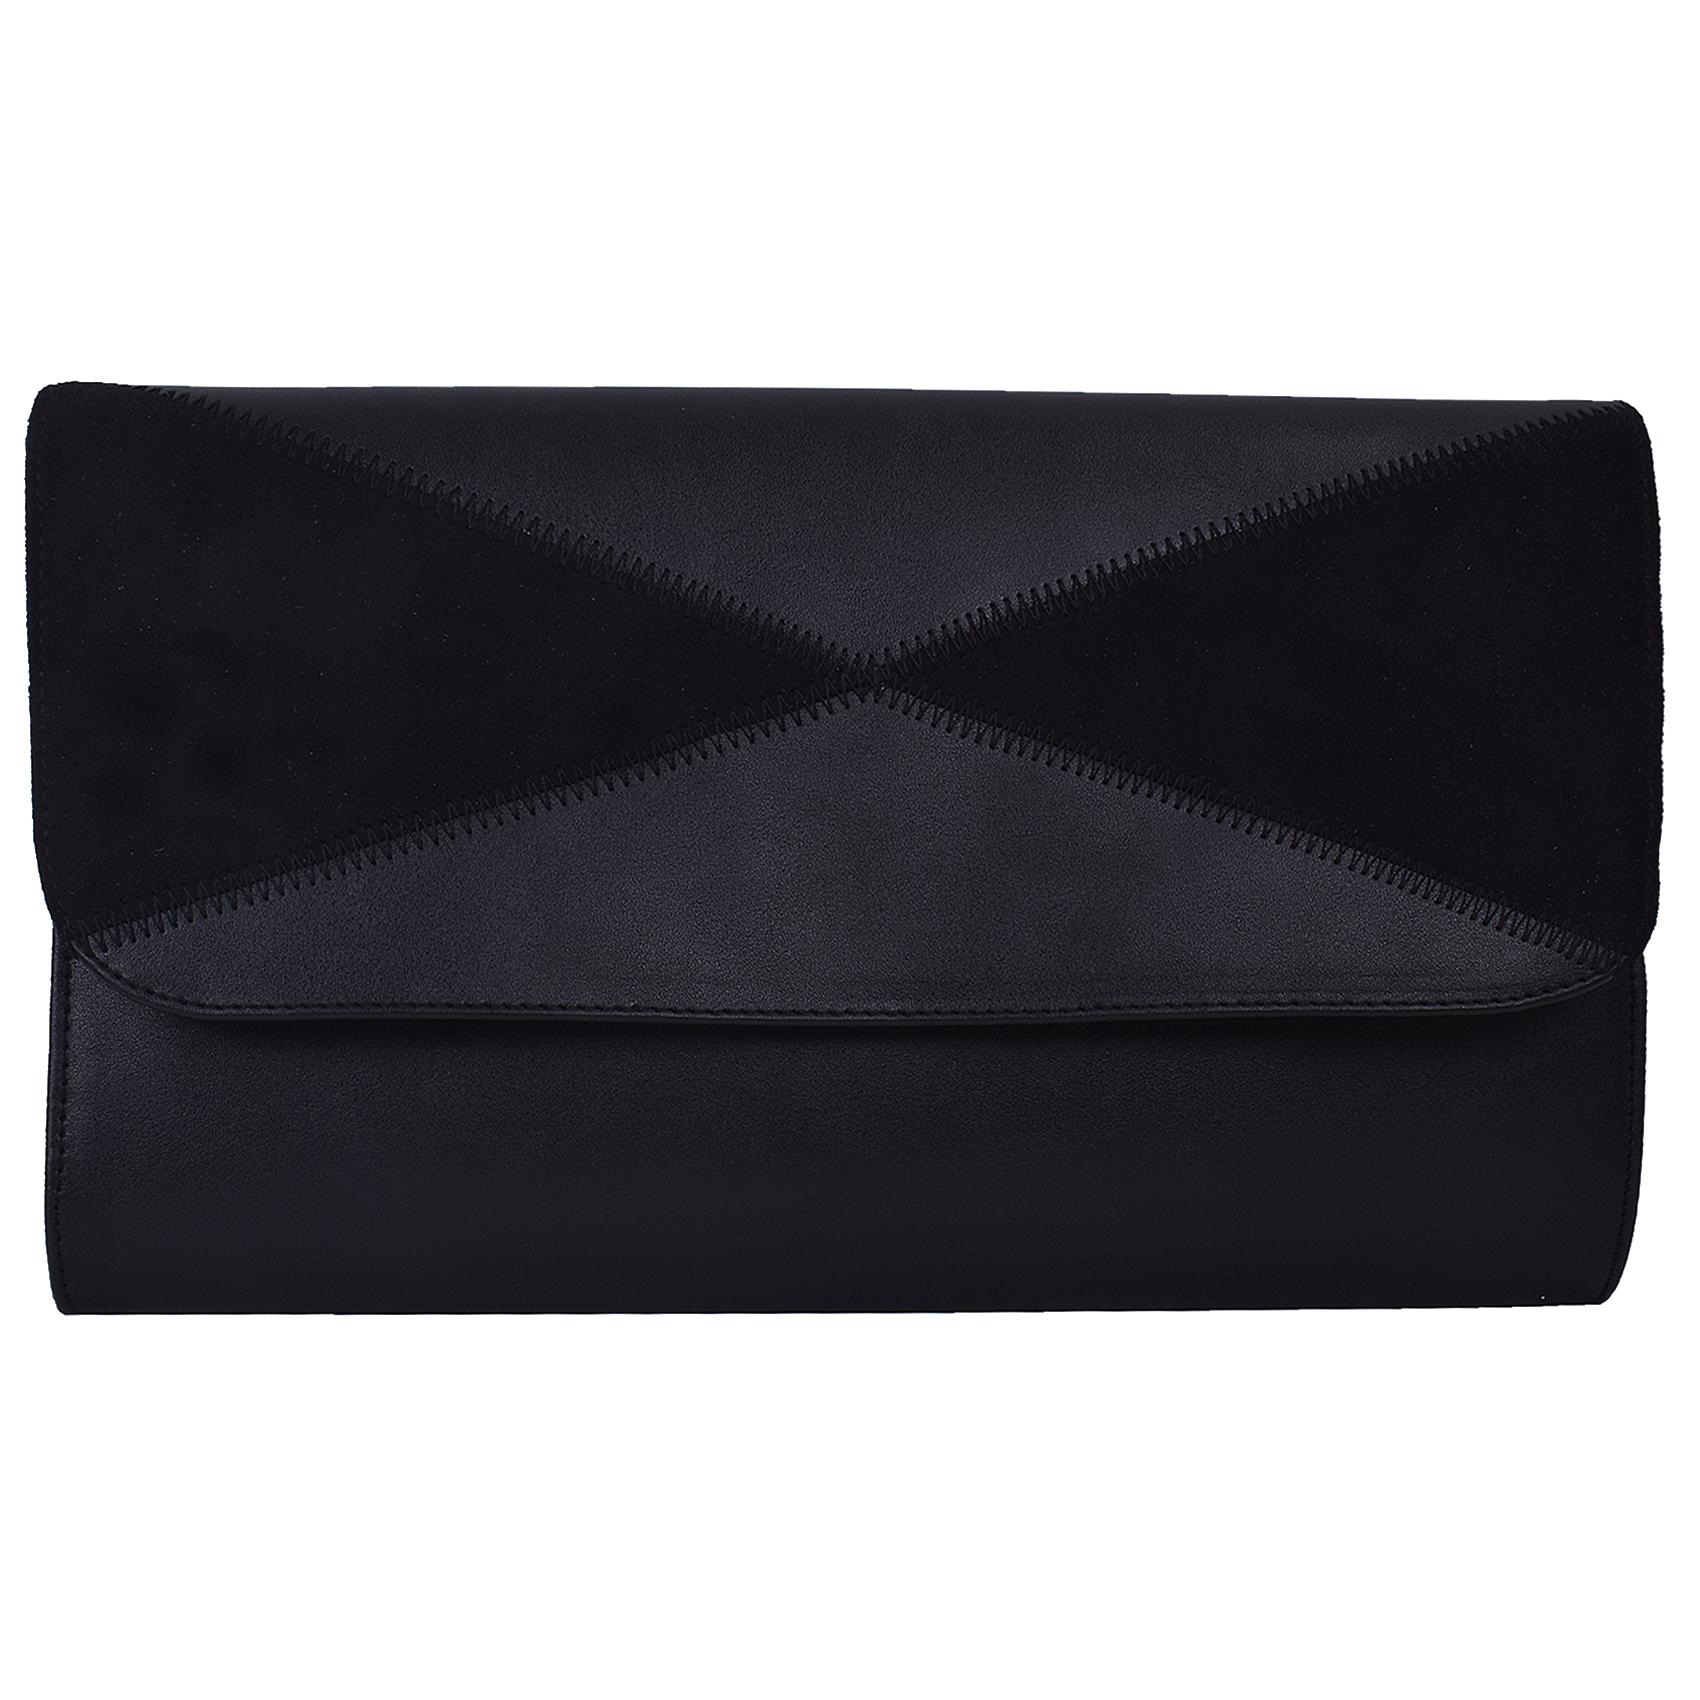 کیف دستی زنانه مدل 0052